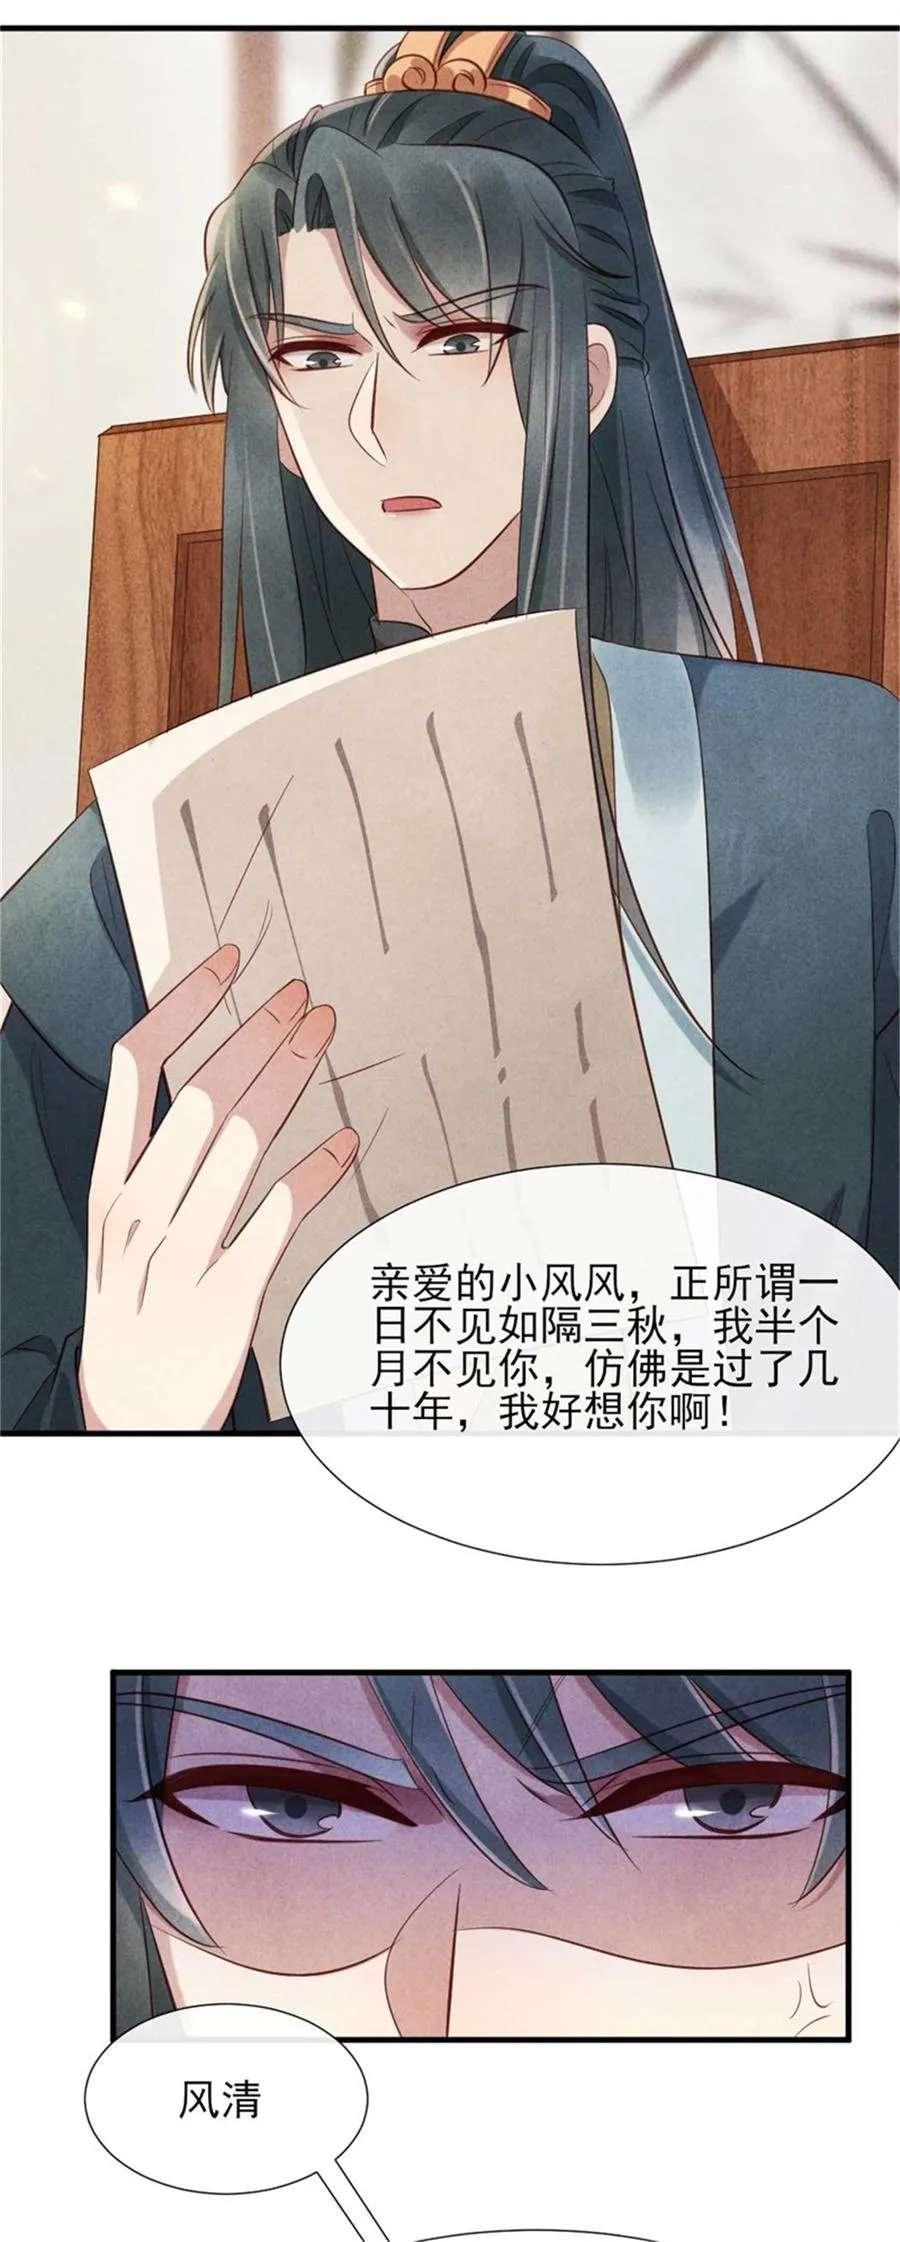 纨绔王妃要爬墙第18话  第18话 给风情的情书? 第 24